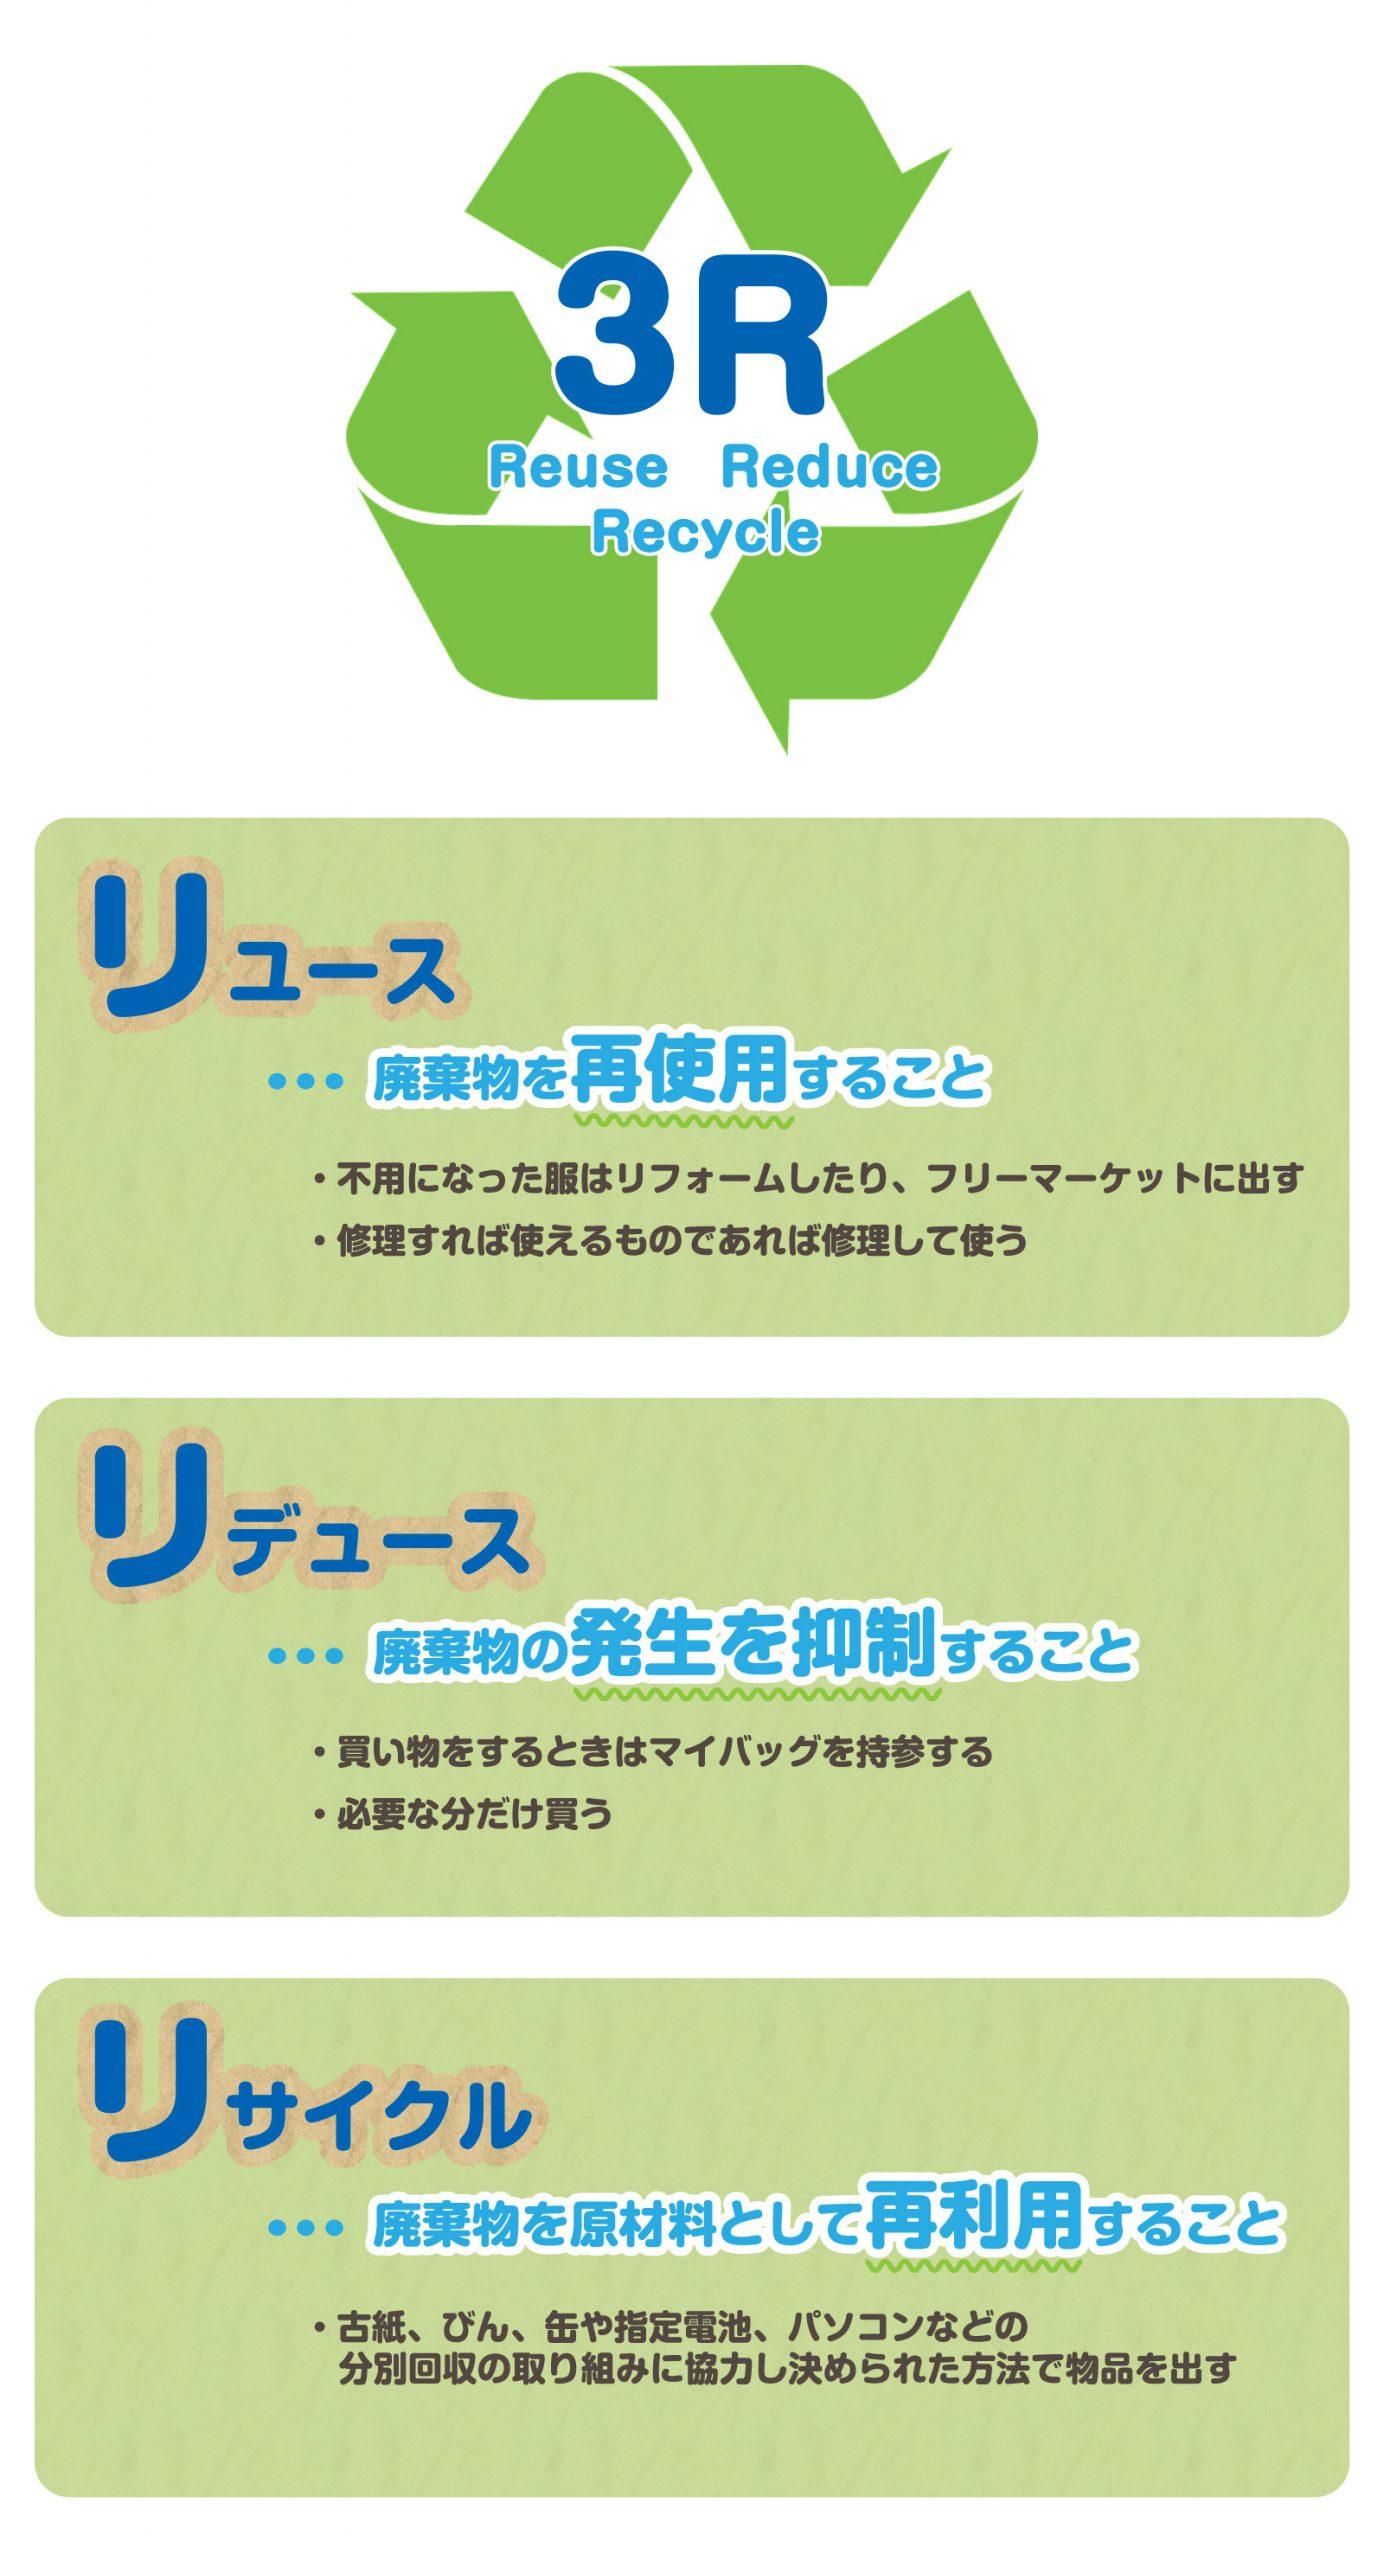 スリーアールの画像。リデュース(Reduce)、リユース(Reuse)、リサイクル(Recycle)の3つの英語の頭文字「R」をとって「スリーアール」と呼んでいます。リデュースは廃棄物の発生を抑制すること、リユースは廃棄物を再使用すること、リサイクルは廃棄物を原材料として再利用することです。